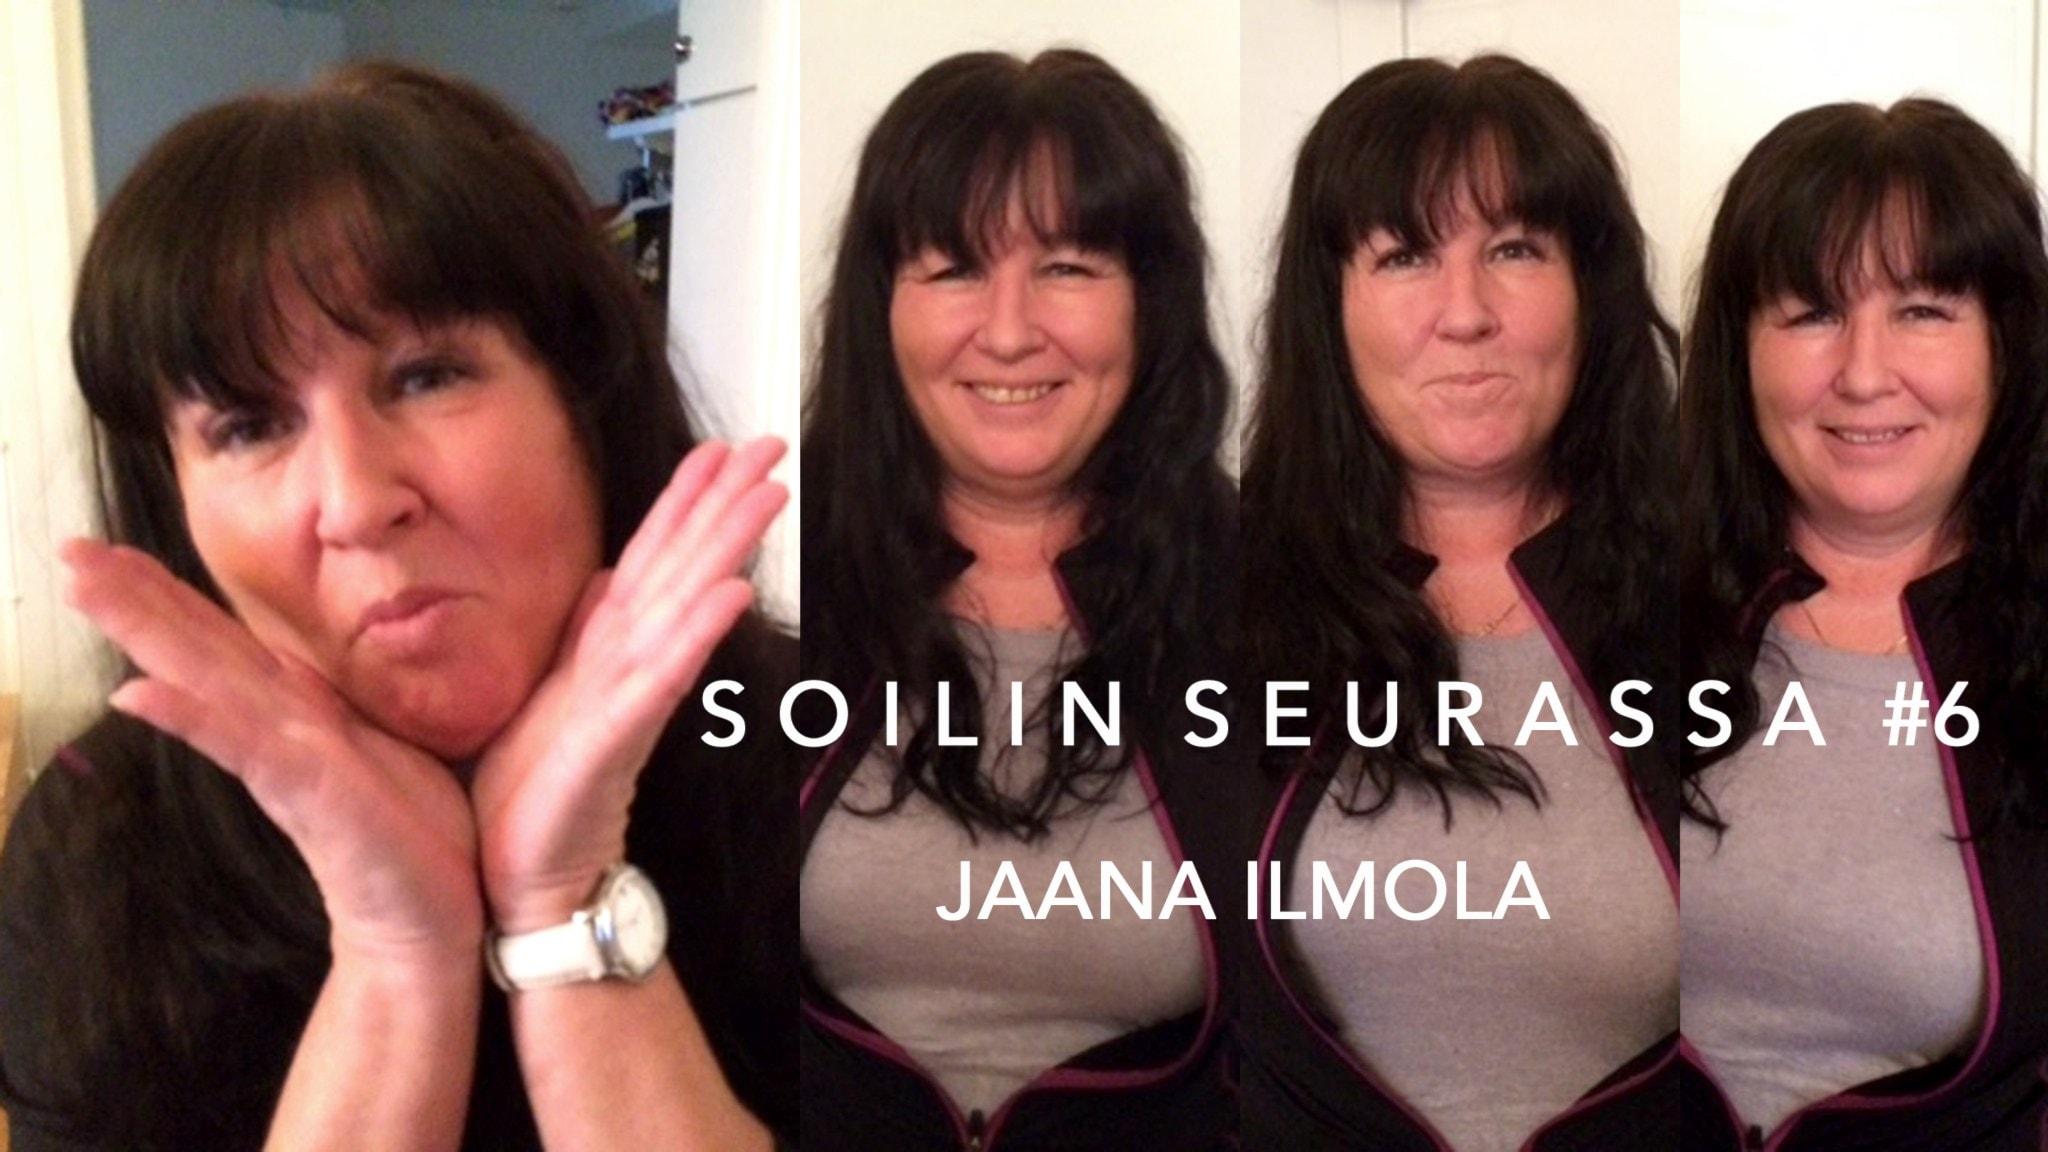 Soilin seurassa suorapuheinen peruskoulunopettaja Jaana Ilmola, jolla on sekä nauru että itku herkässä